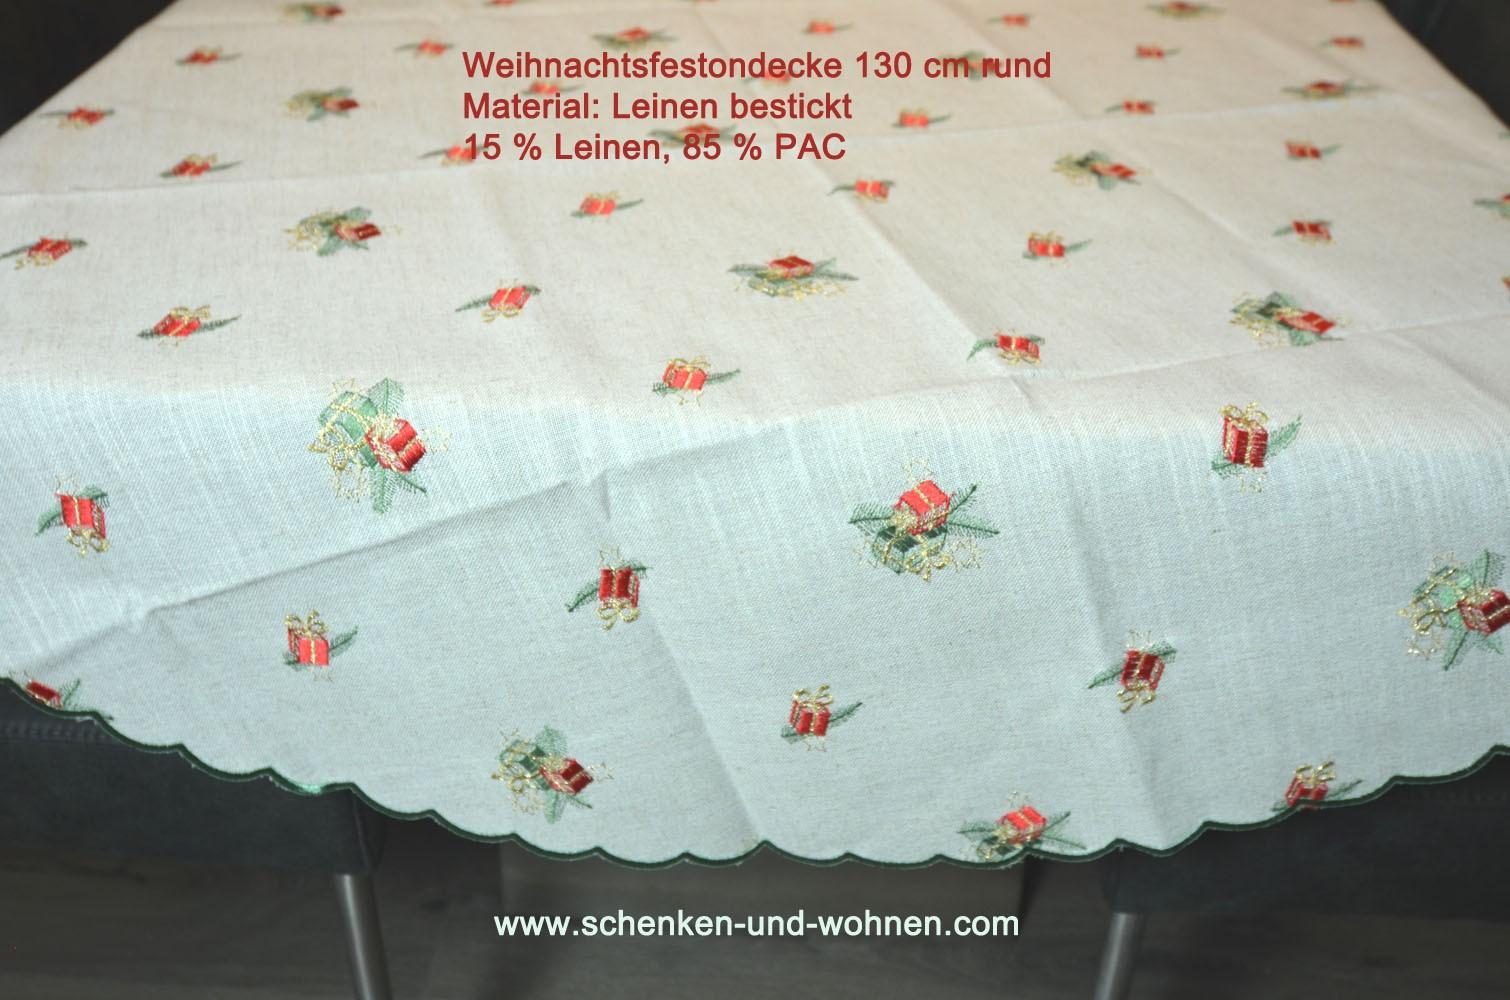 Weihnachtsdecke Tischdecke rund Durchmesser 130 cm